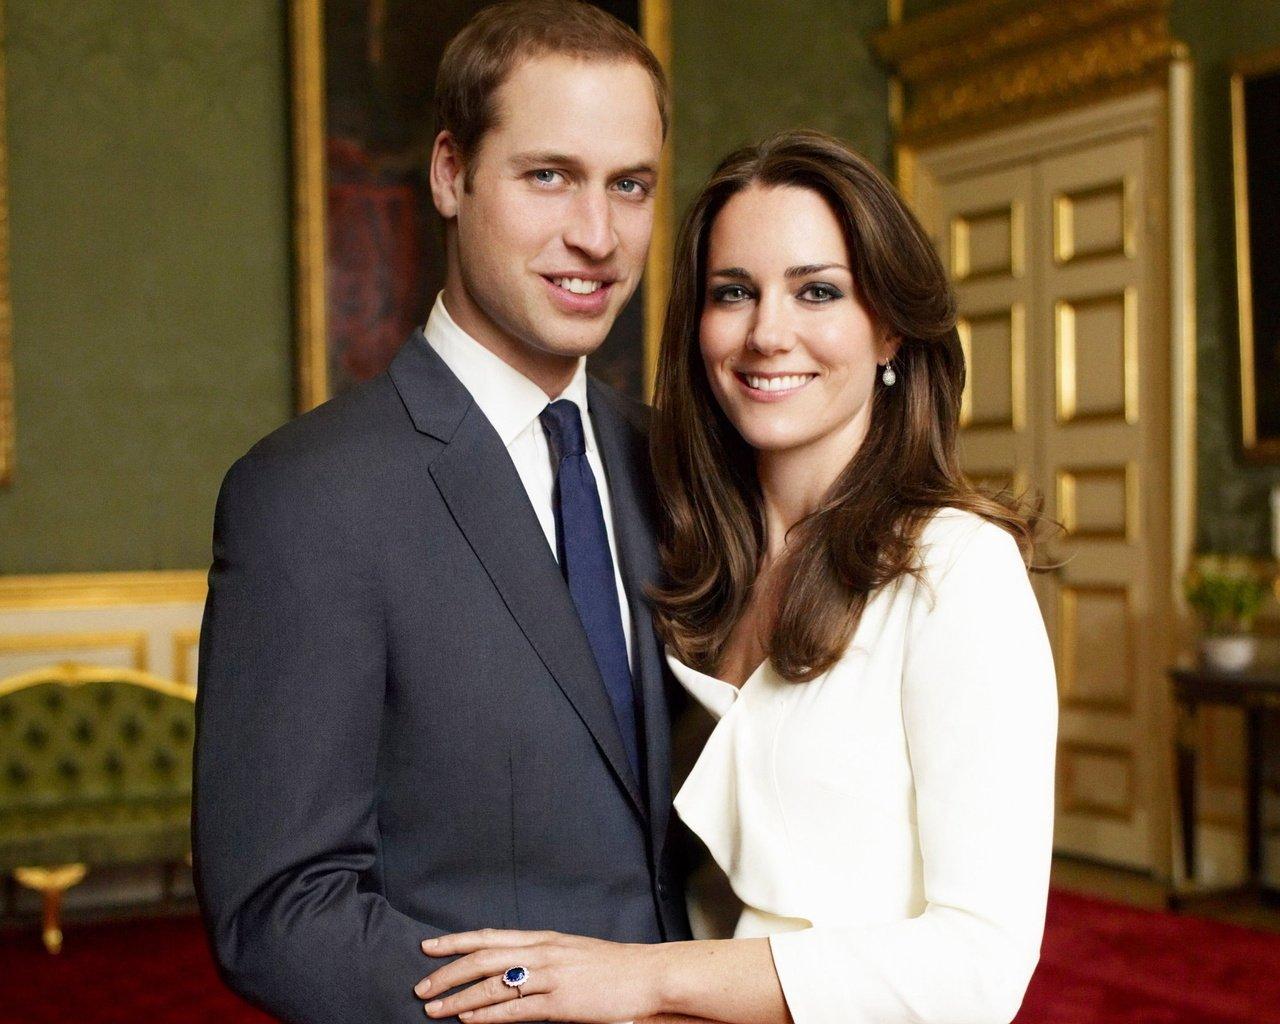 Стало известно, сколько получает домработница Кейт Миддлтон и принца Уильяма